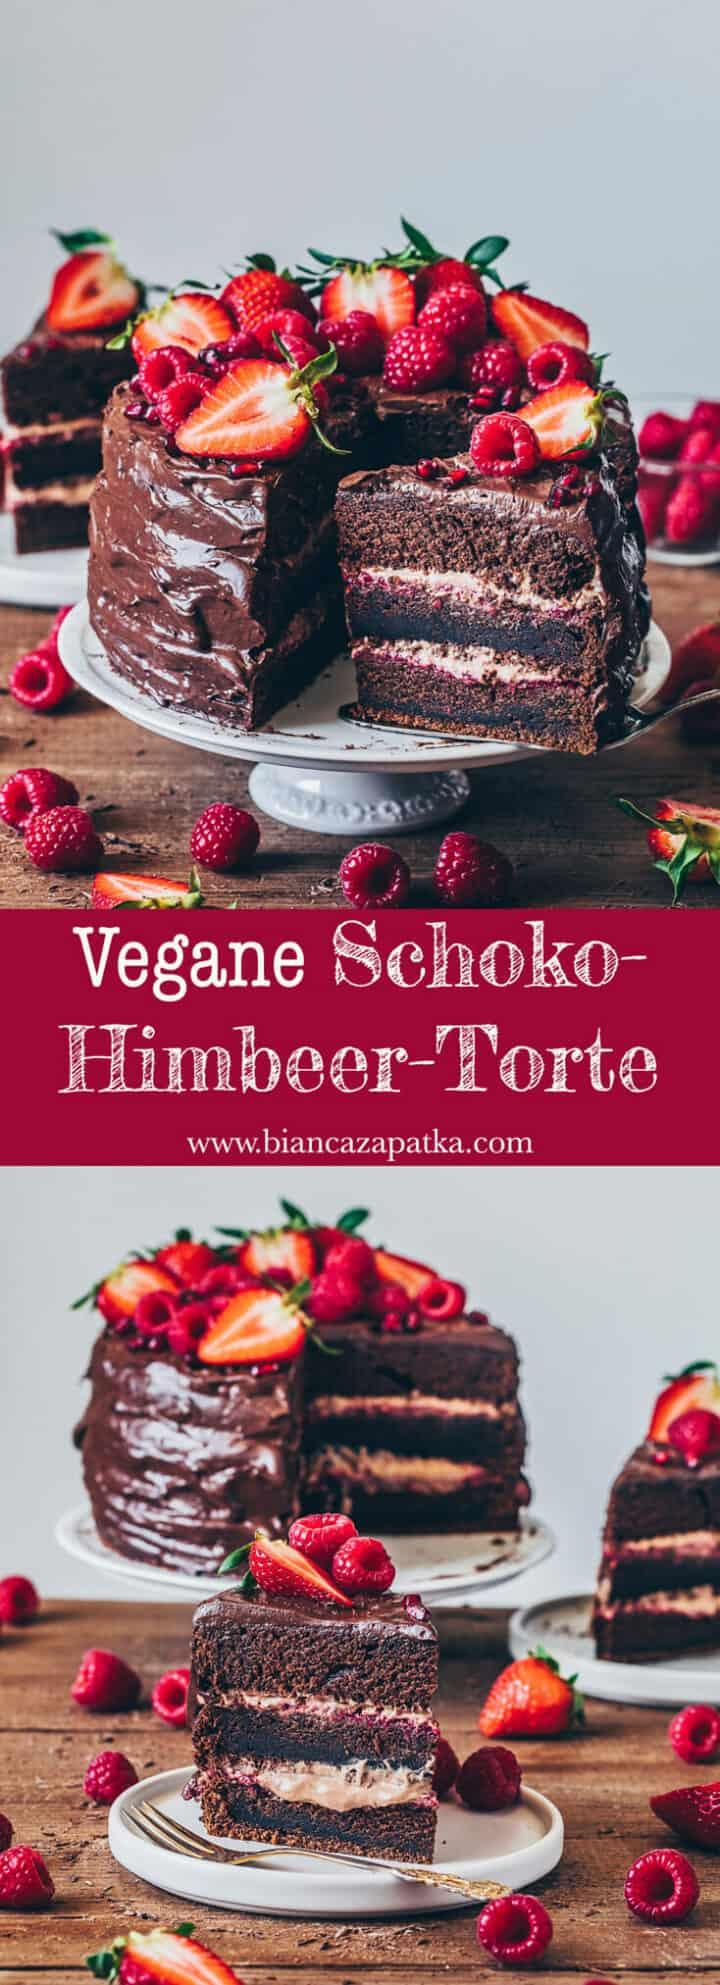 Schoko-Himbeer-Torte Rezept. Veganer Schokoladen-Kuchen mit Schoko-Mousse und selbstgemachter Himbeer-Marmelade. Torte schichten Schritt-für-Schritt Anleitung.